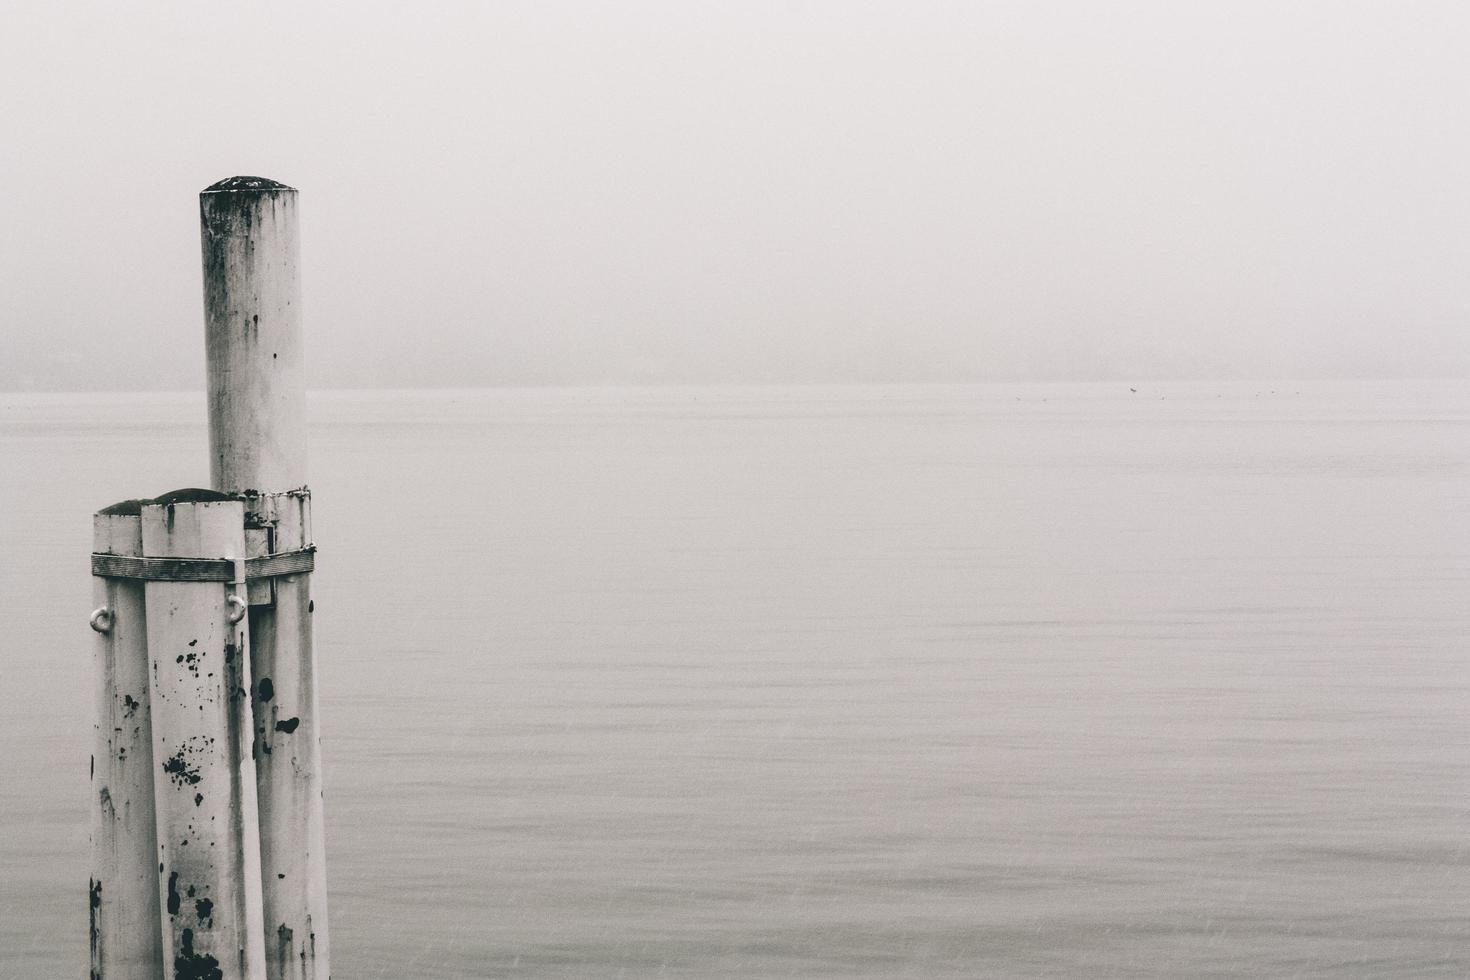 palo di legno bianco sull'acqua di mare foto